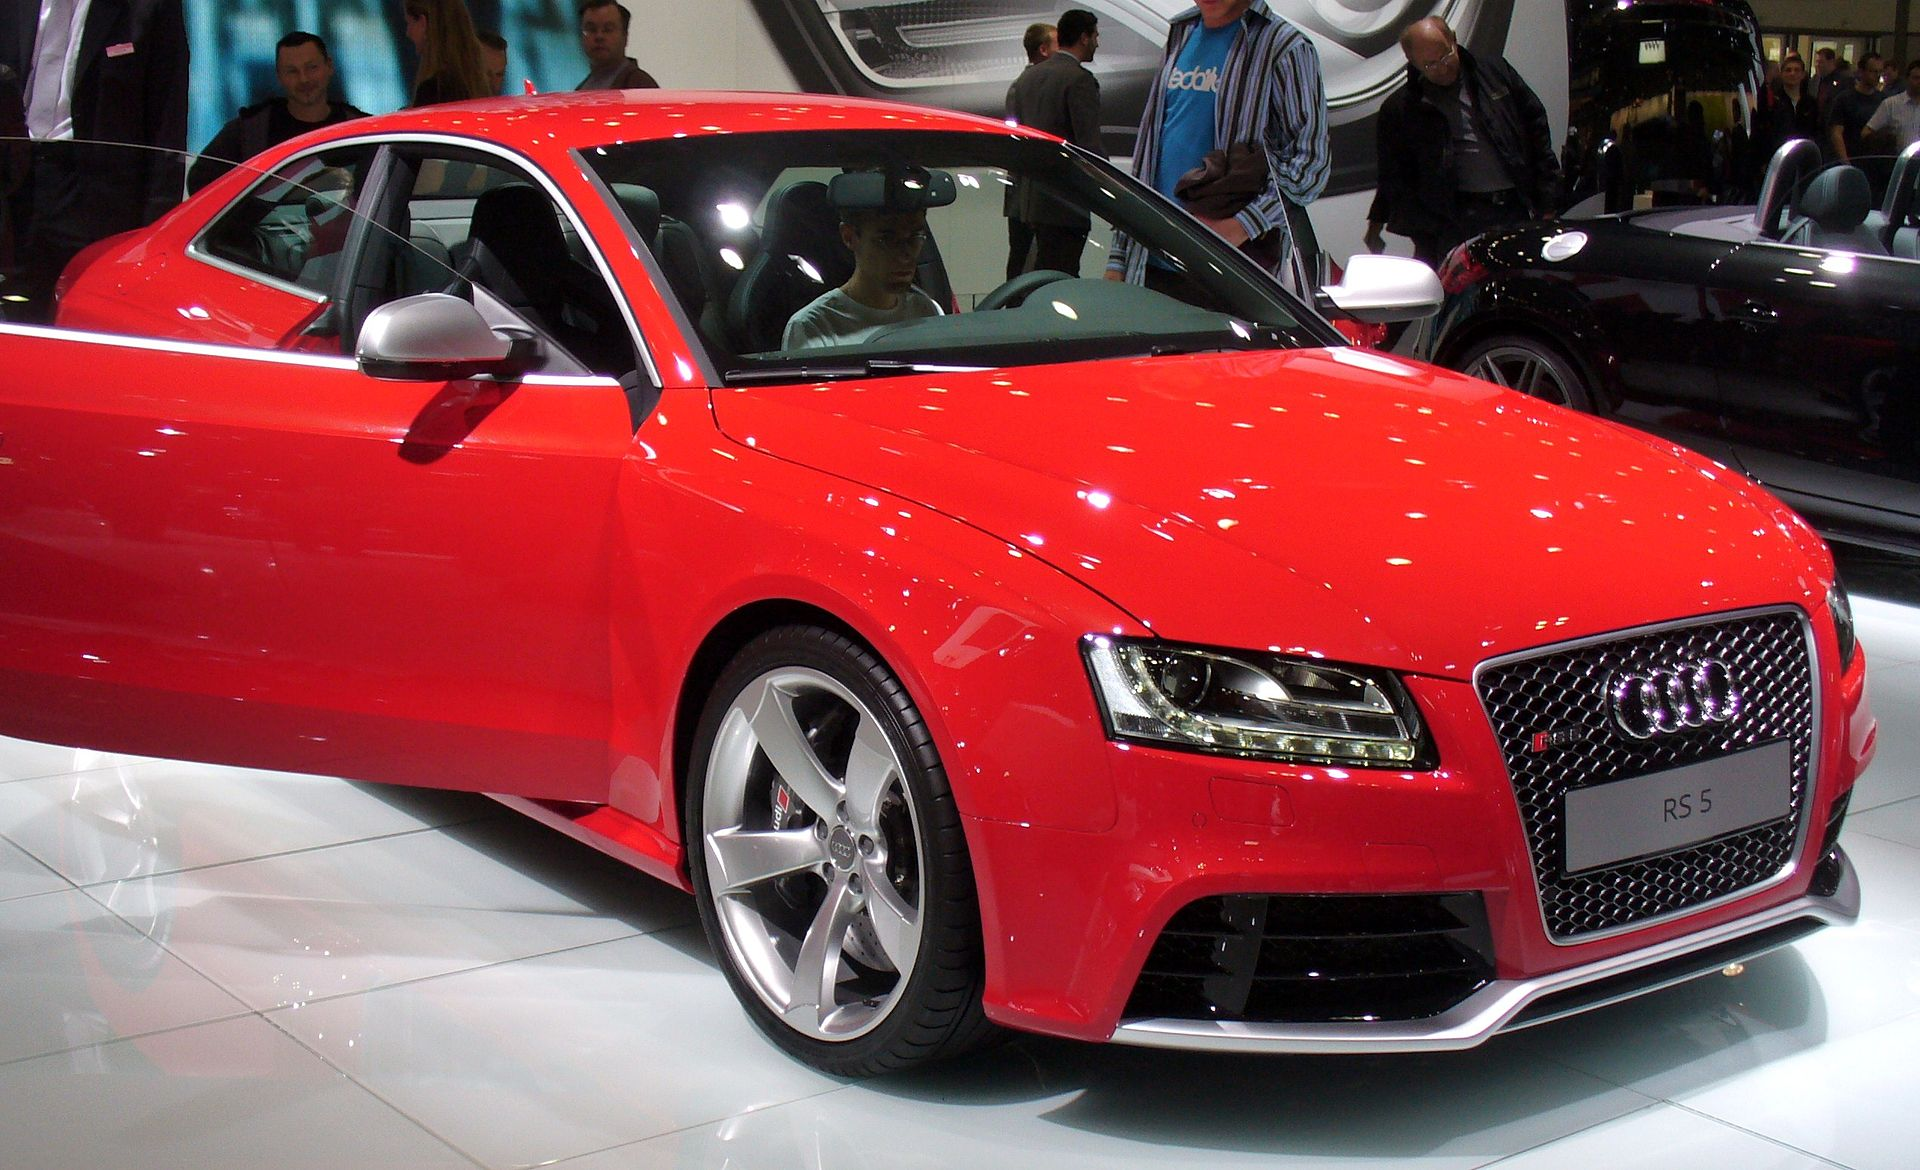 Audi rs5 wikipedia english 12